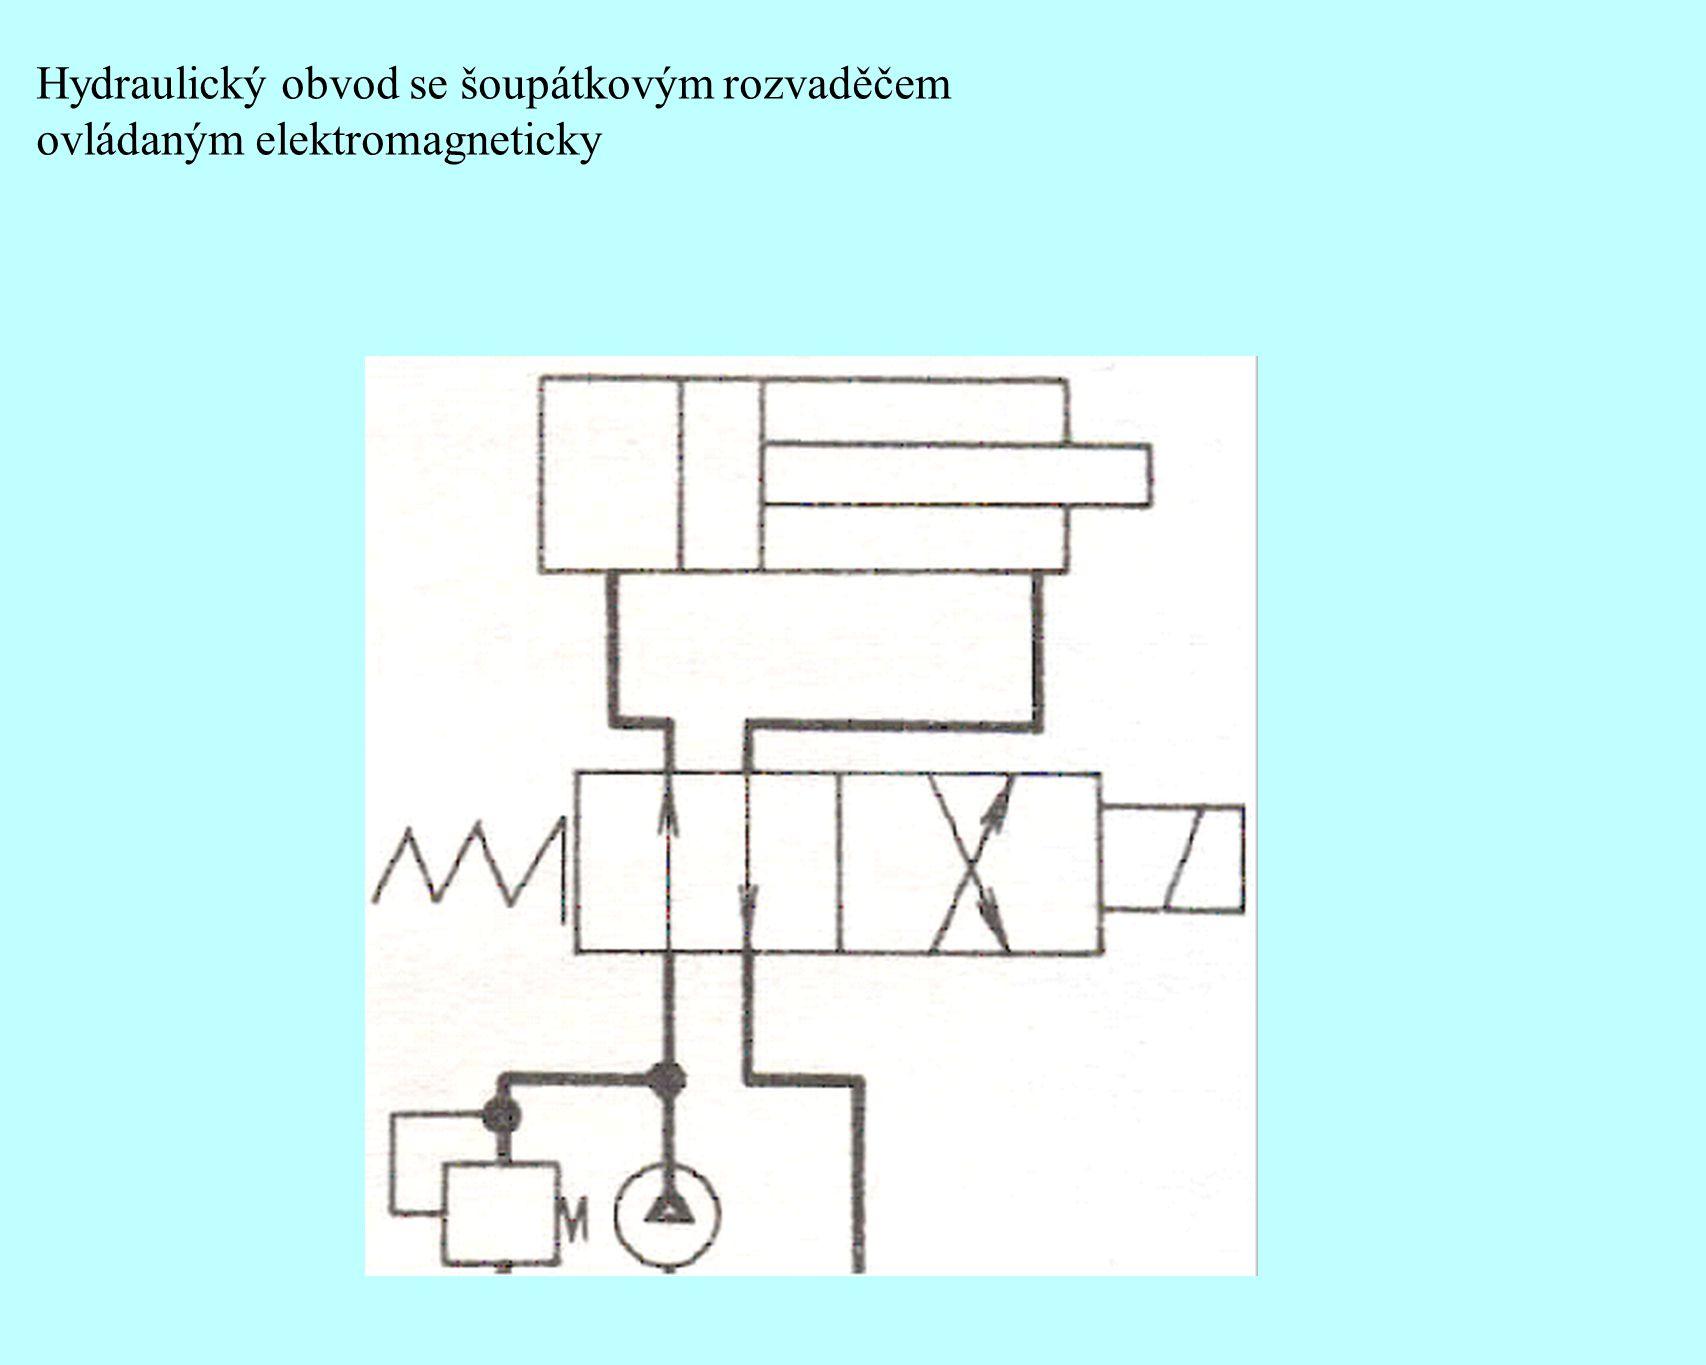 Hydraulický obvod se šoupátkovým rozvaděčem ovládaným elektromagneticky